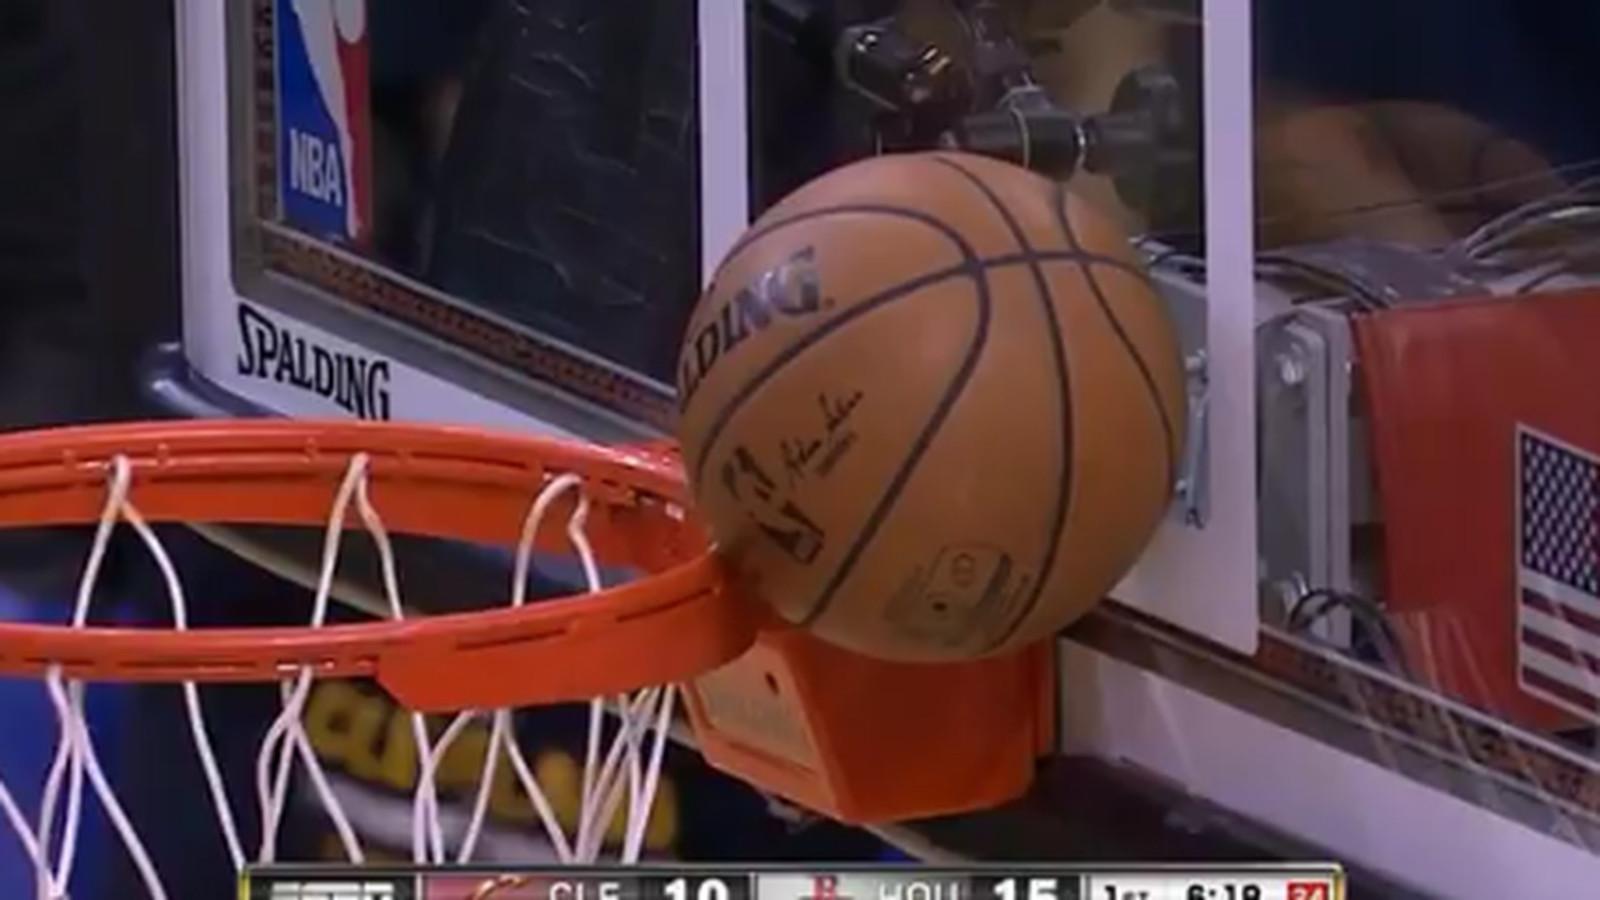 """勒布朗詹姆斯的空中接力扣篮尝试在篮筐和篮板之间""""楔入"""""""